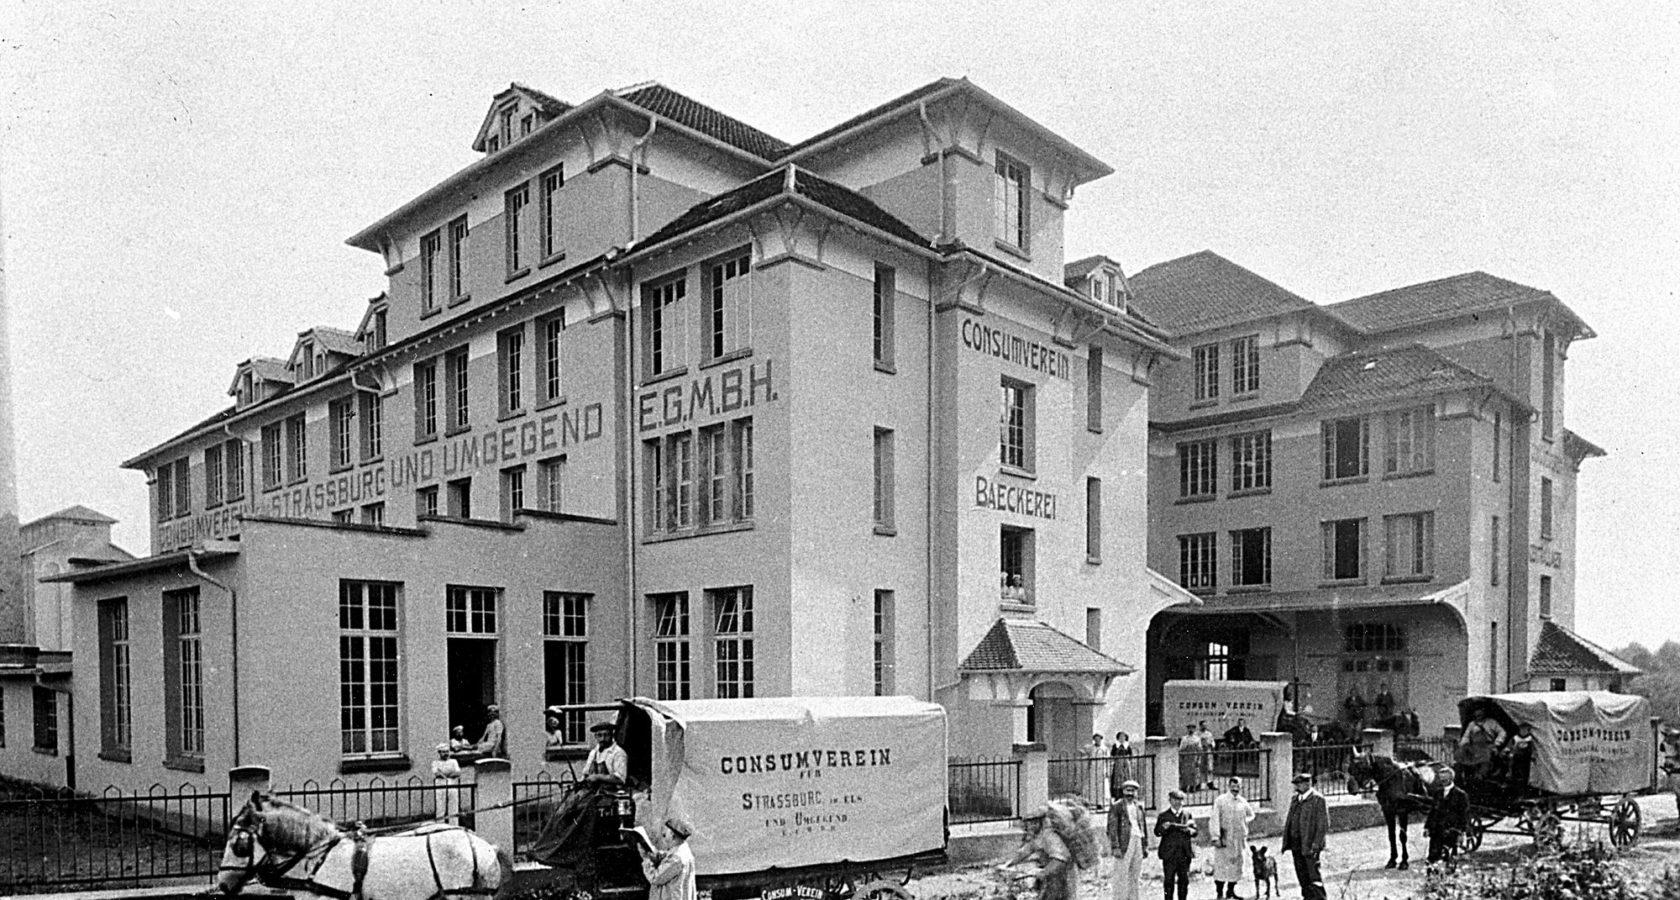 Das Gebäude Administration Anfang des 20. Jahrhunderts, Copyright Vent d'Est